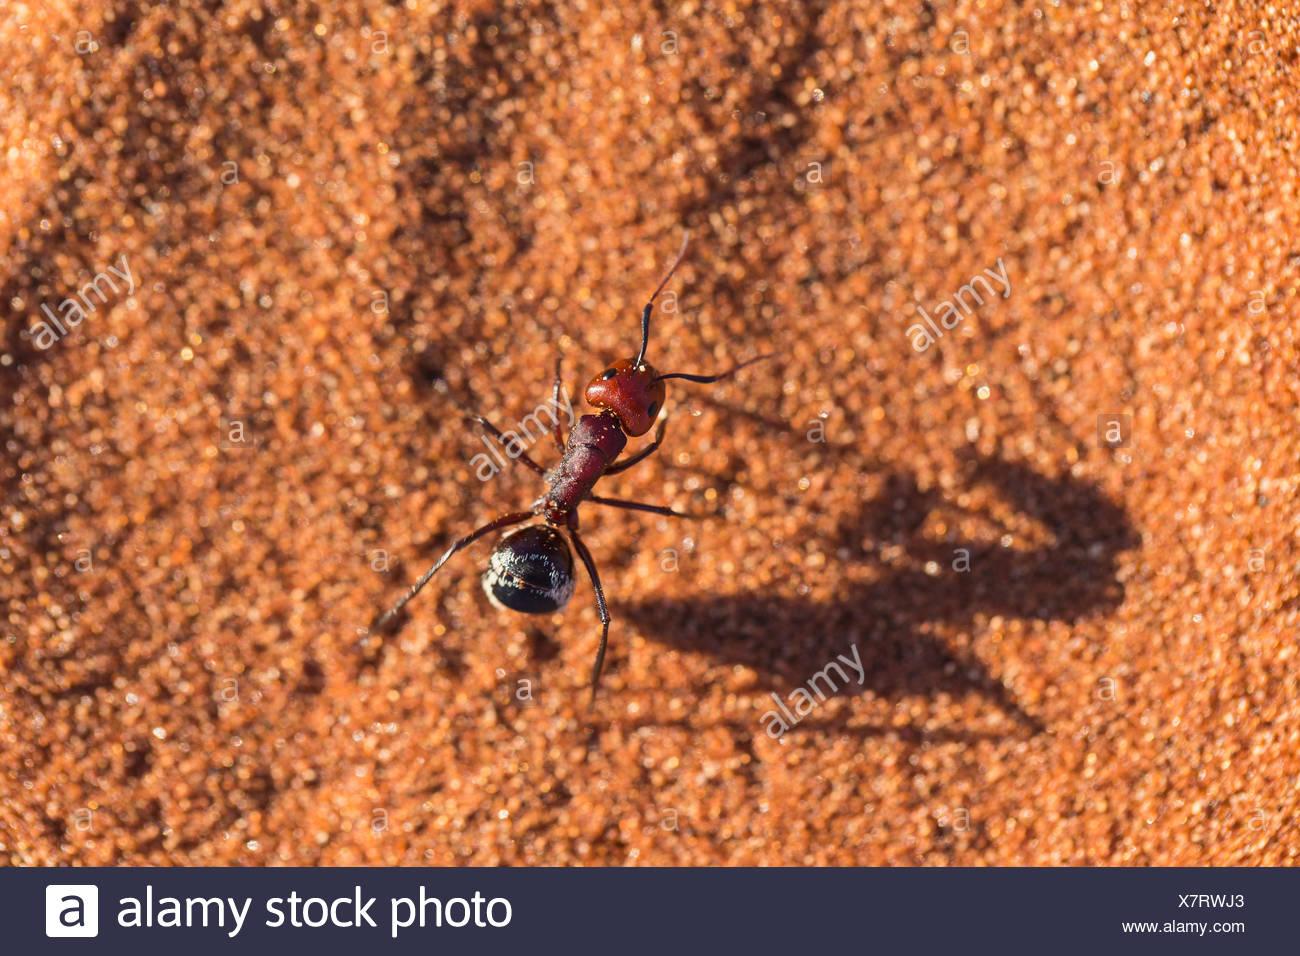 Désert du Namib dune ant Camponotus (détritus) Photo Stock